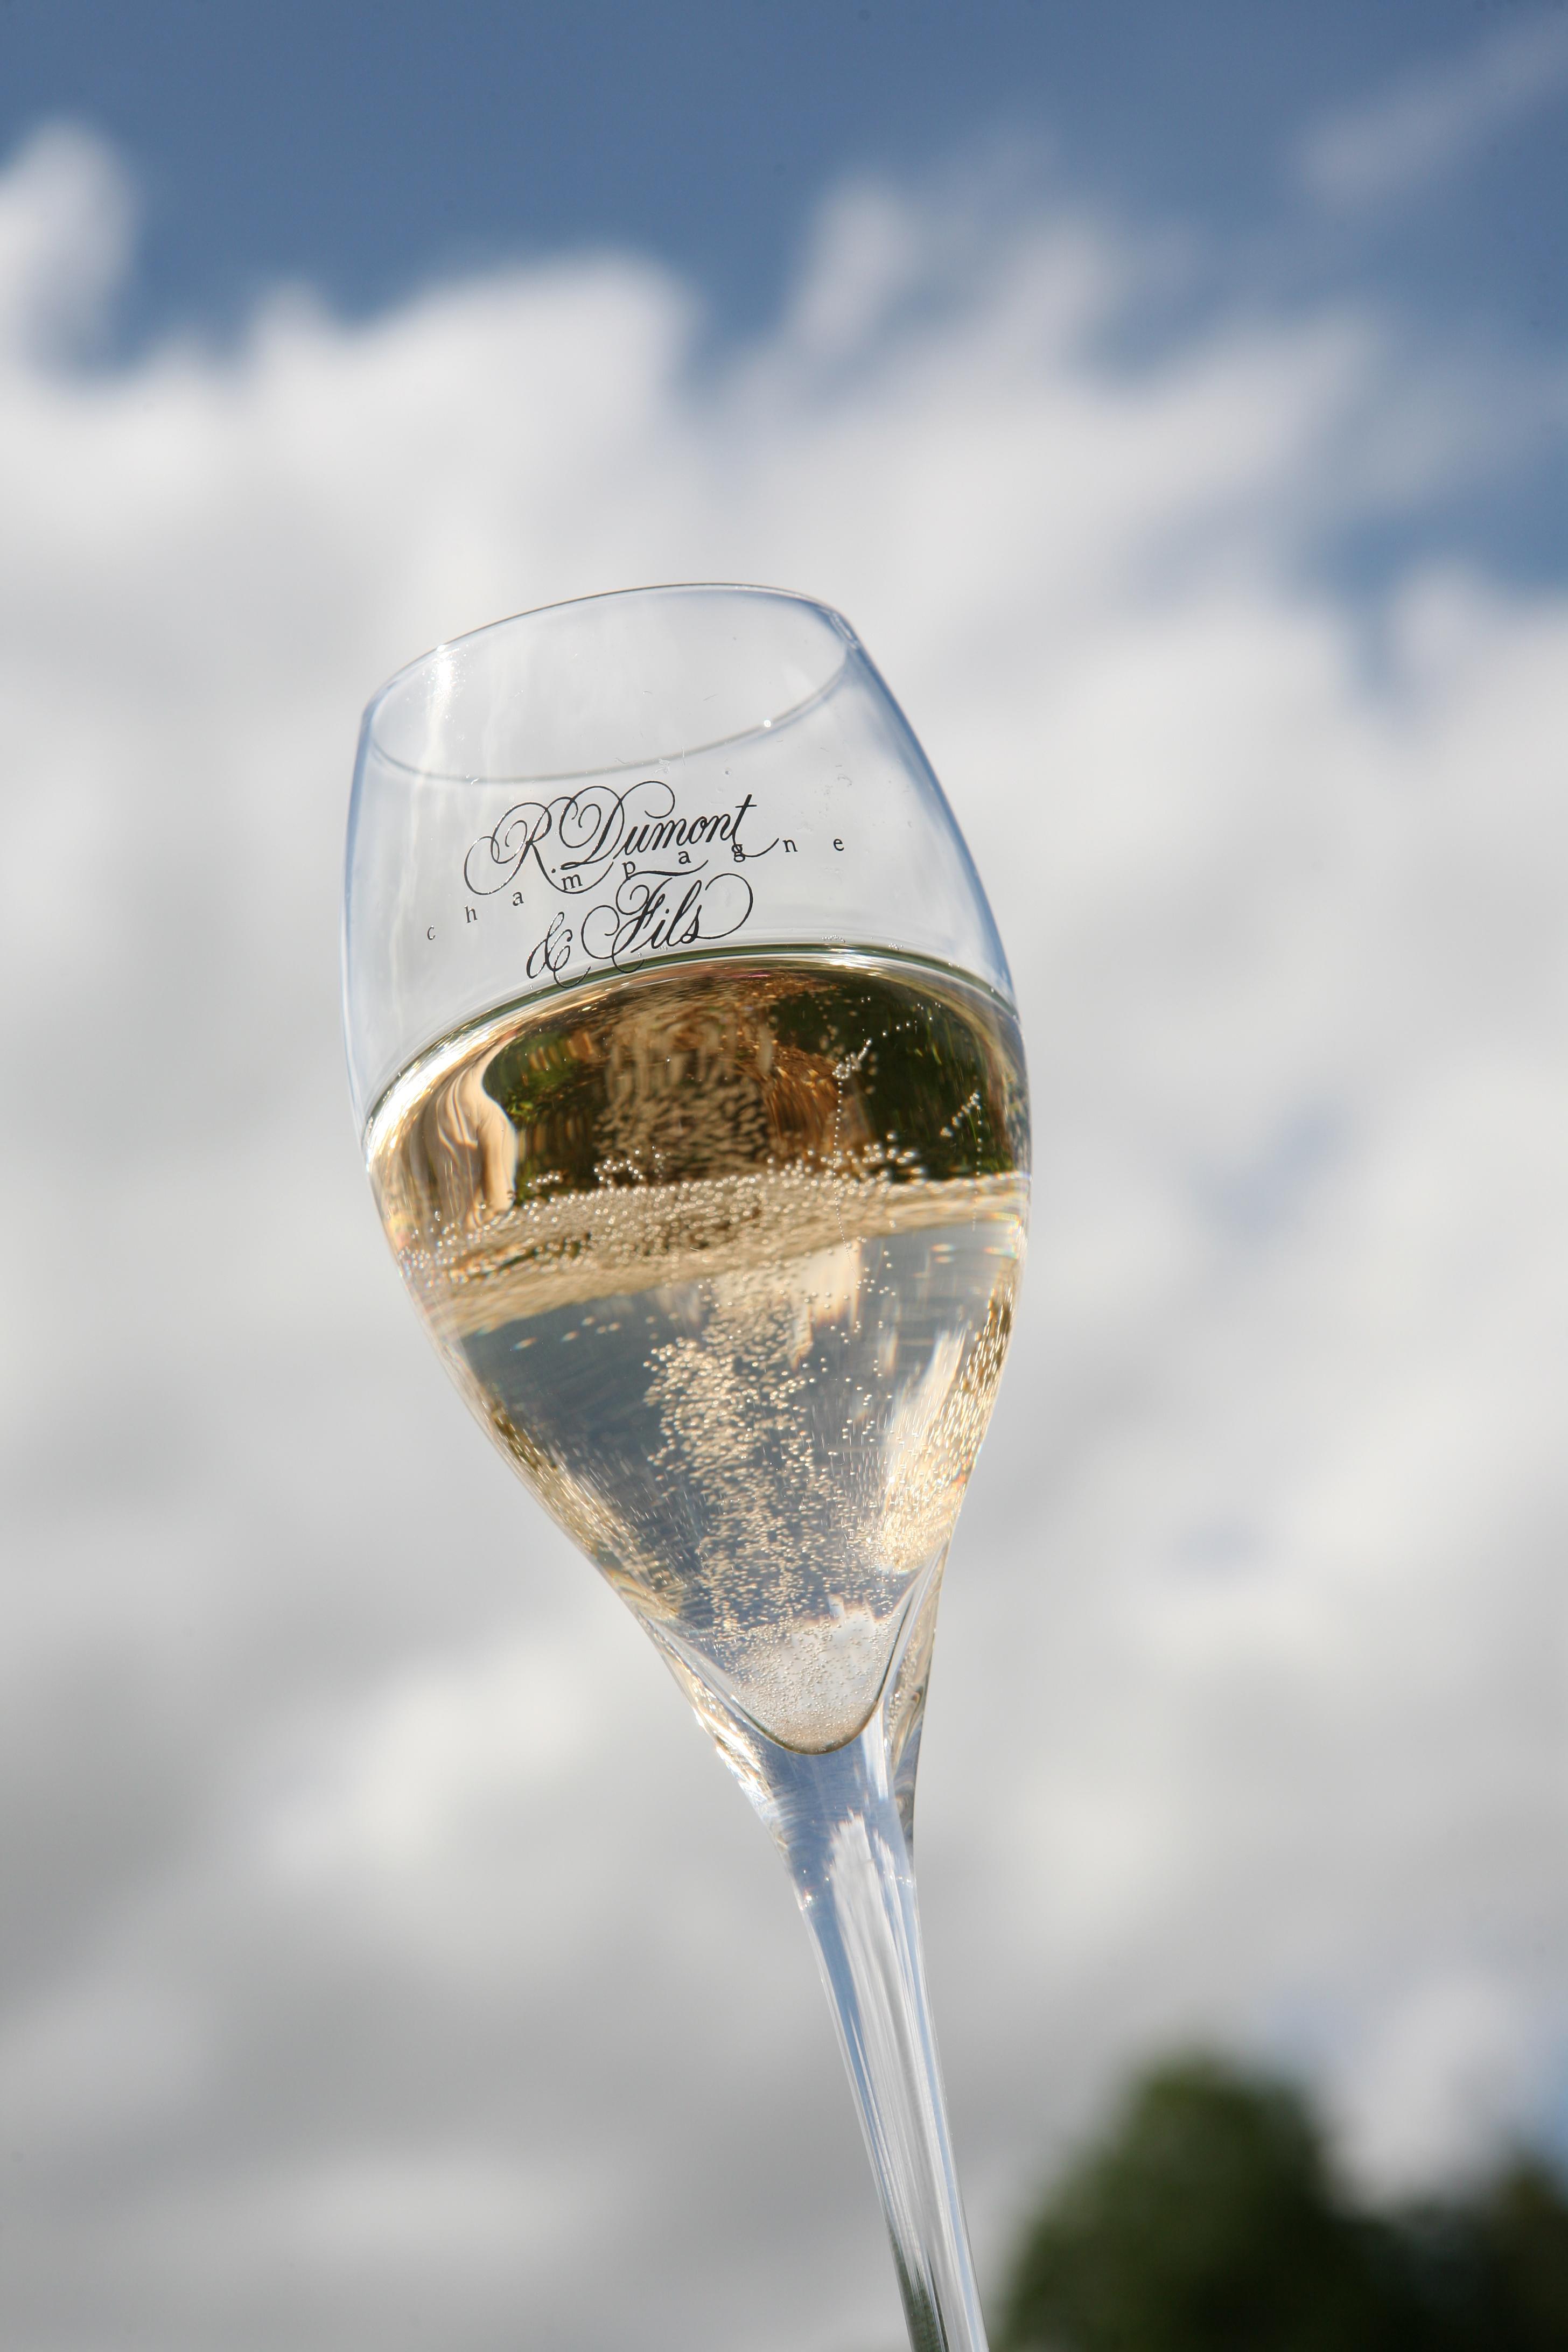 champagne r dumont et fils champignol lez mondeville